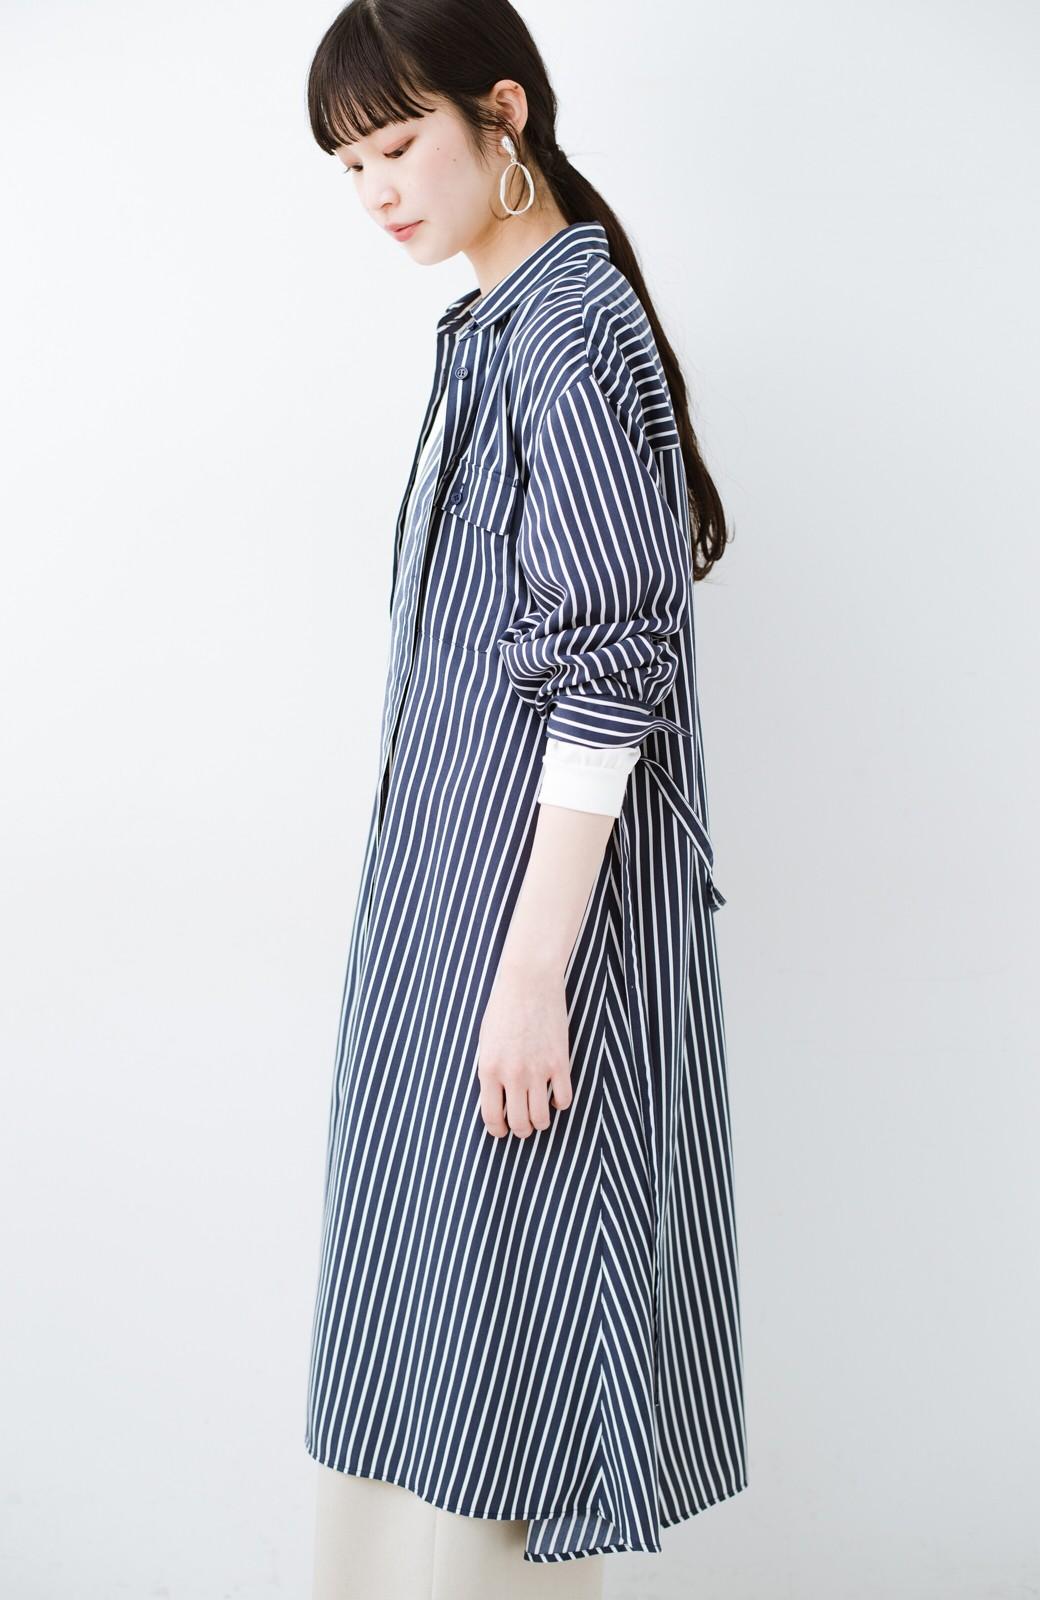 haco! 長ーーい季節着られる! 単品づかいはもちろん重ね着も楽しいシャツワンピース  <ネイビー>の商品写真24